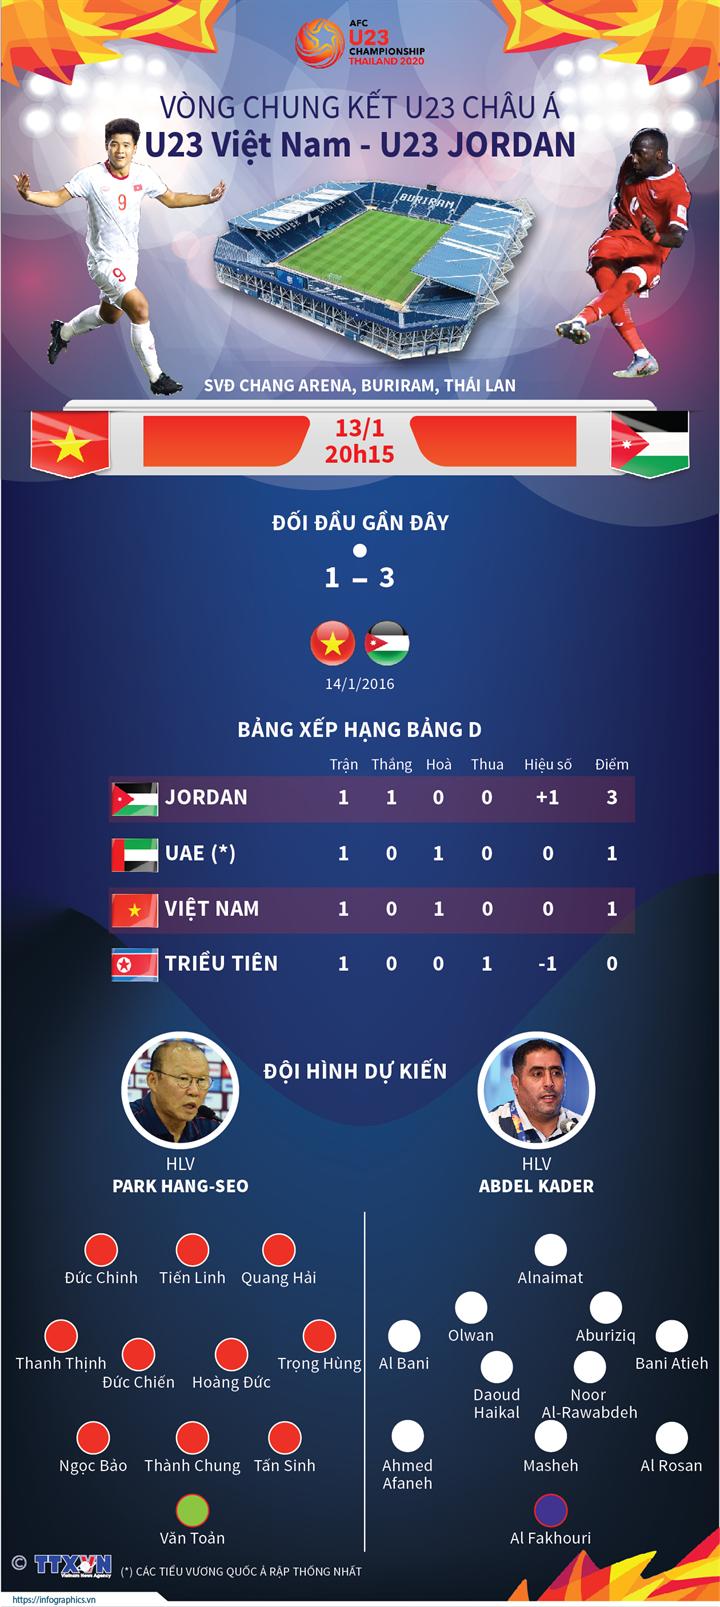 Vòng chung kết U23 châu Á: U23 Việt Nam quyết thắng U23 Jordan